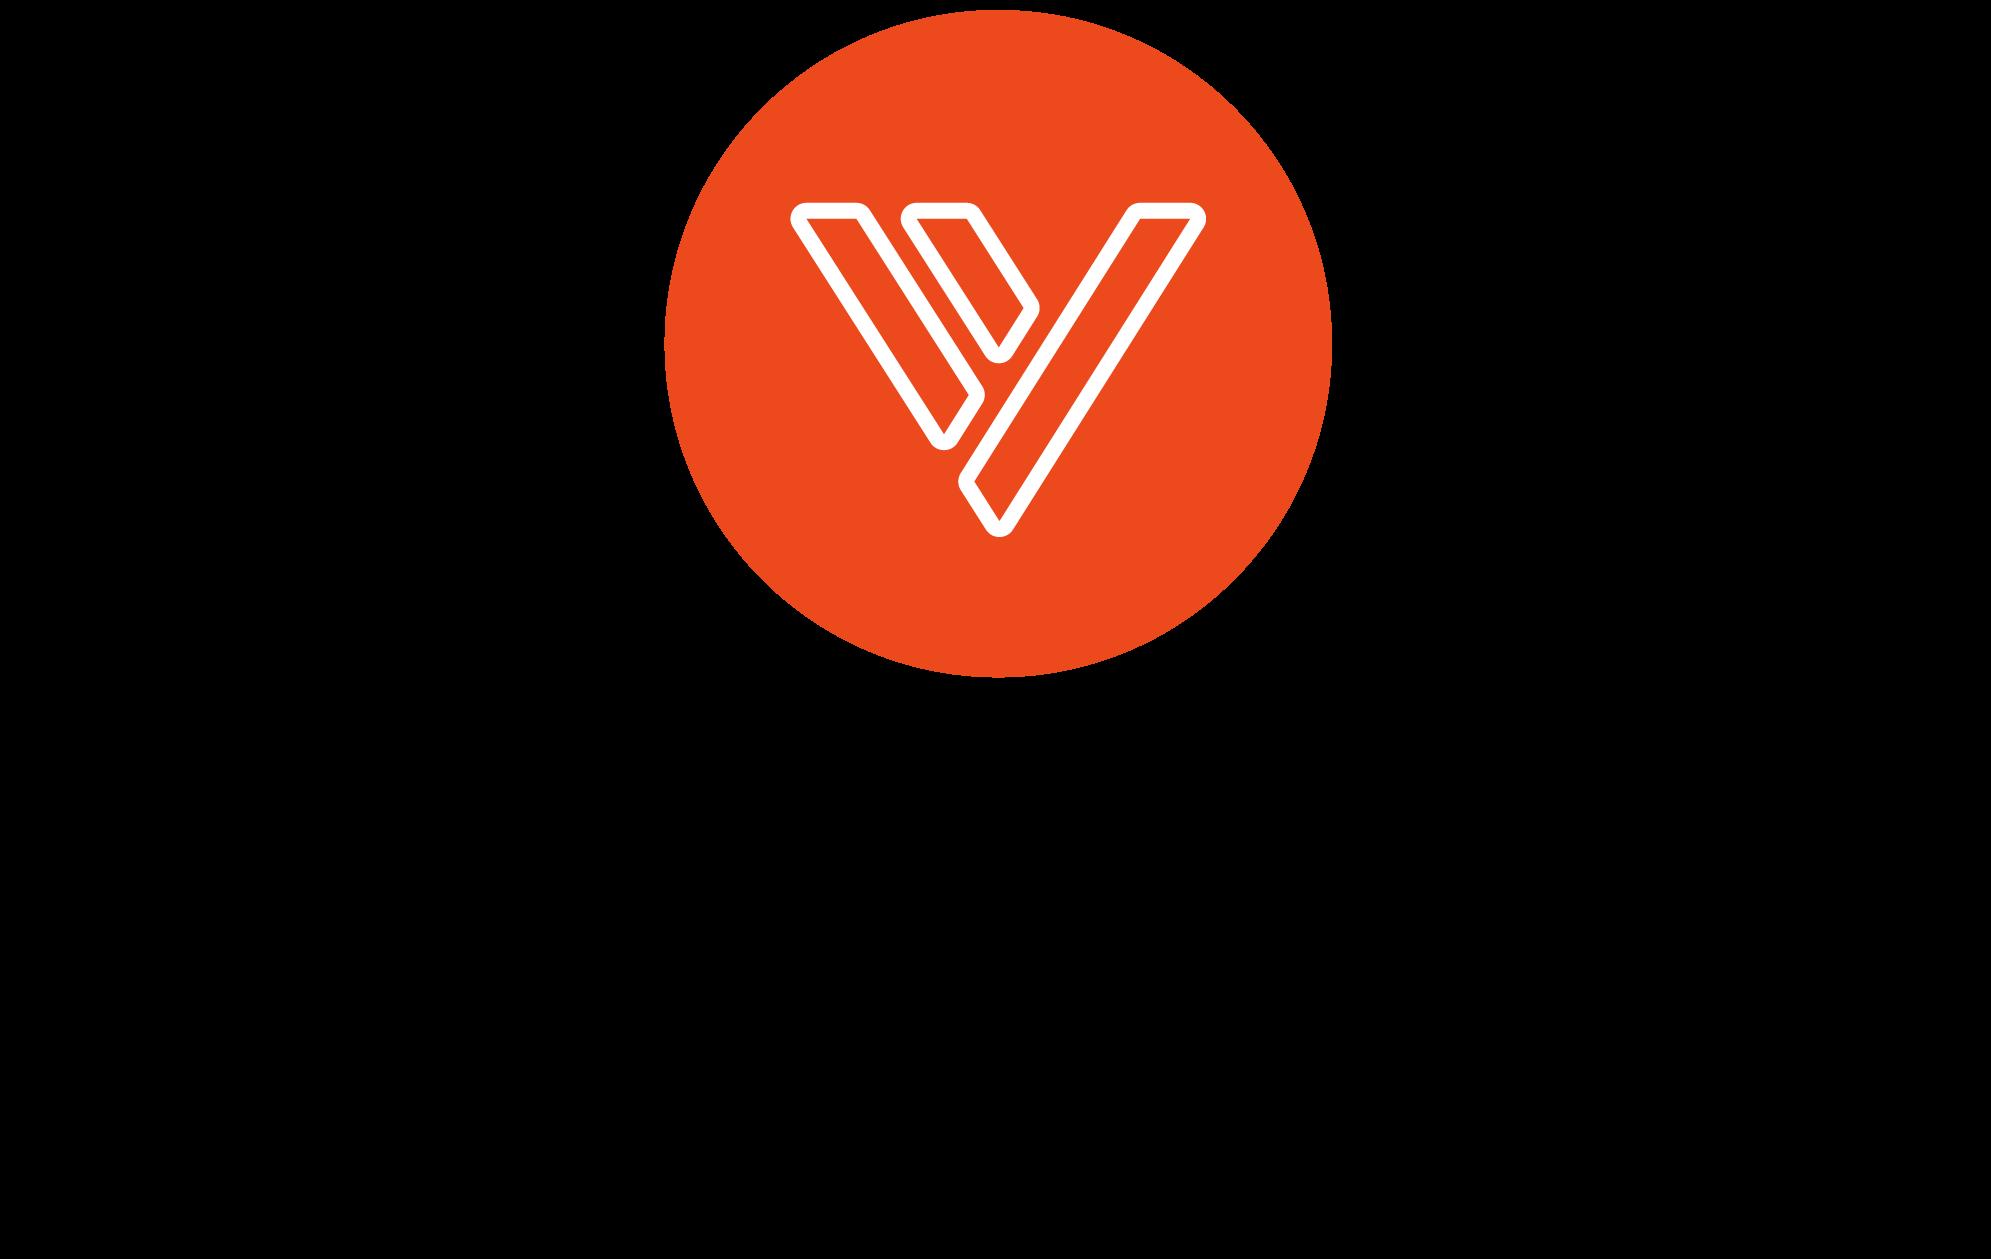 Vinnergi logga 2